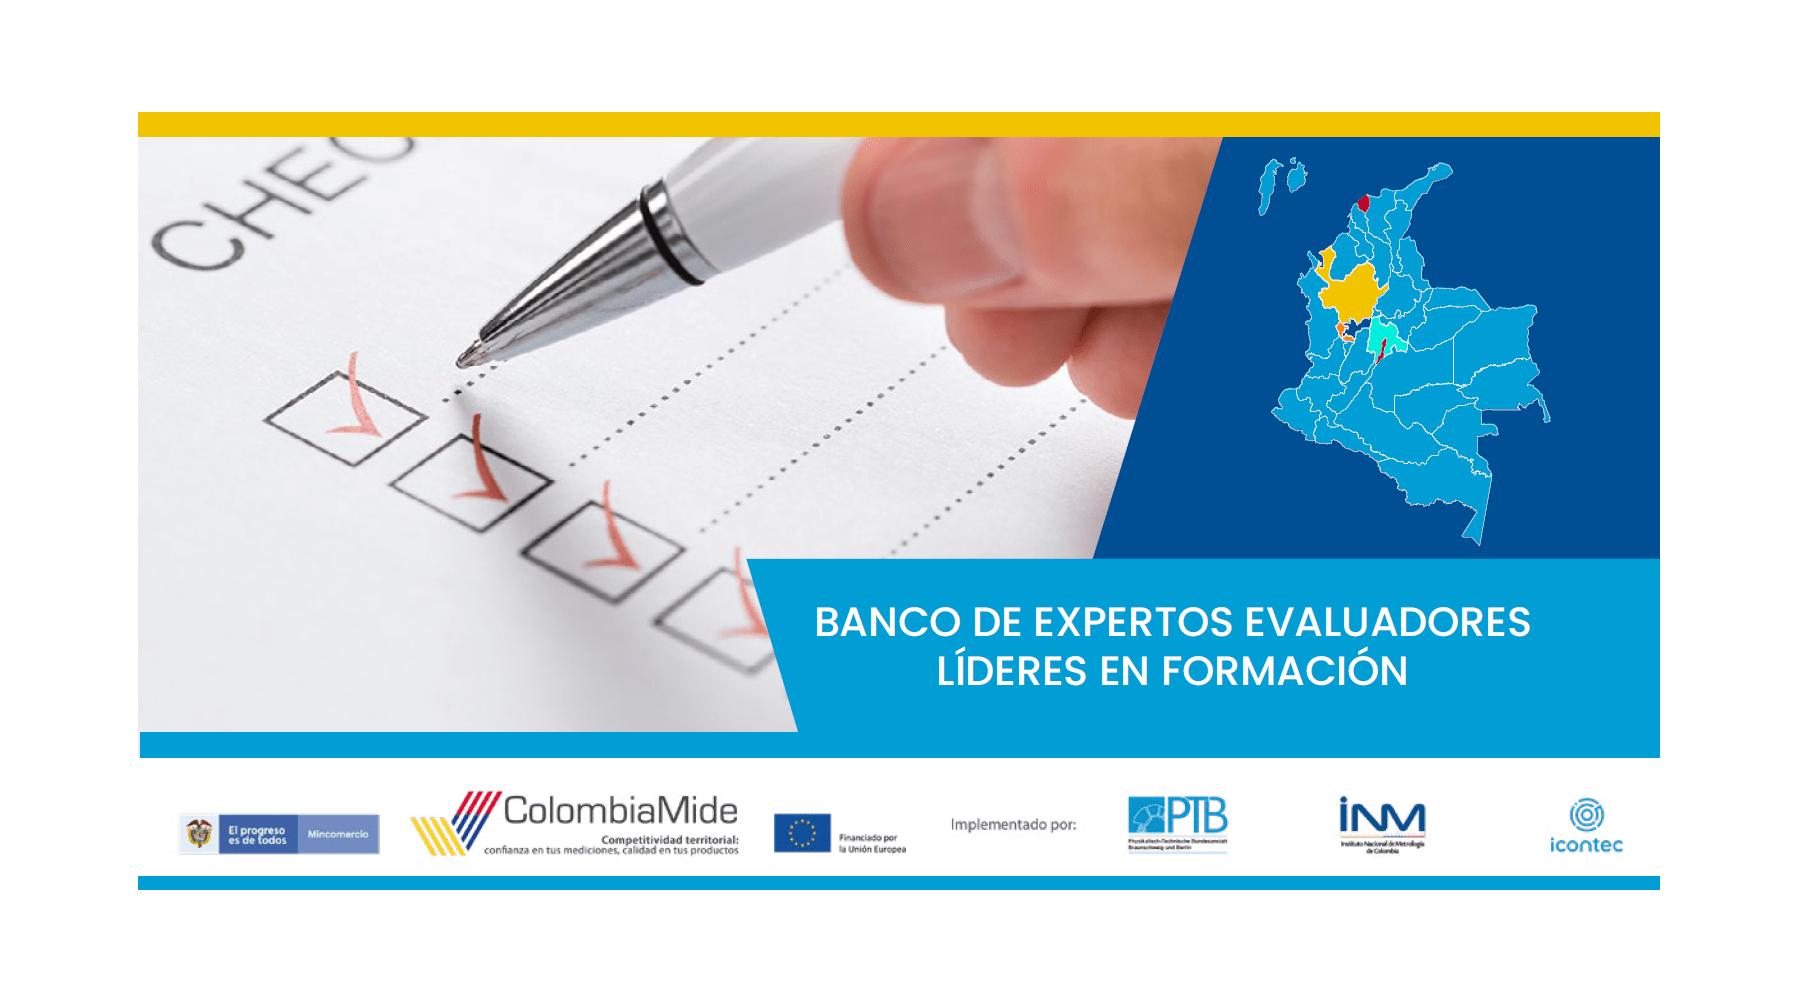 ColombiaMide hace lanzamiento del Banco de Expertos para la Evaluación de Capacidad Metrológica que apoyará los servicios de la Infraestructura de la Calidad